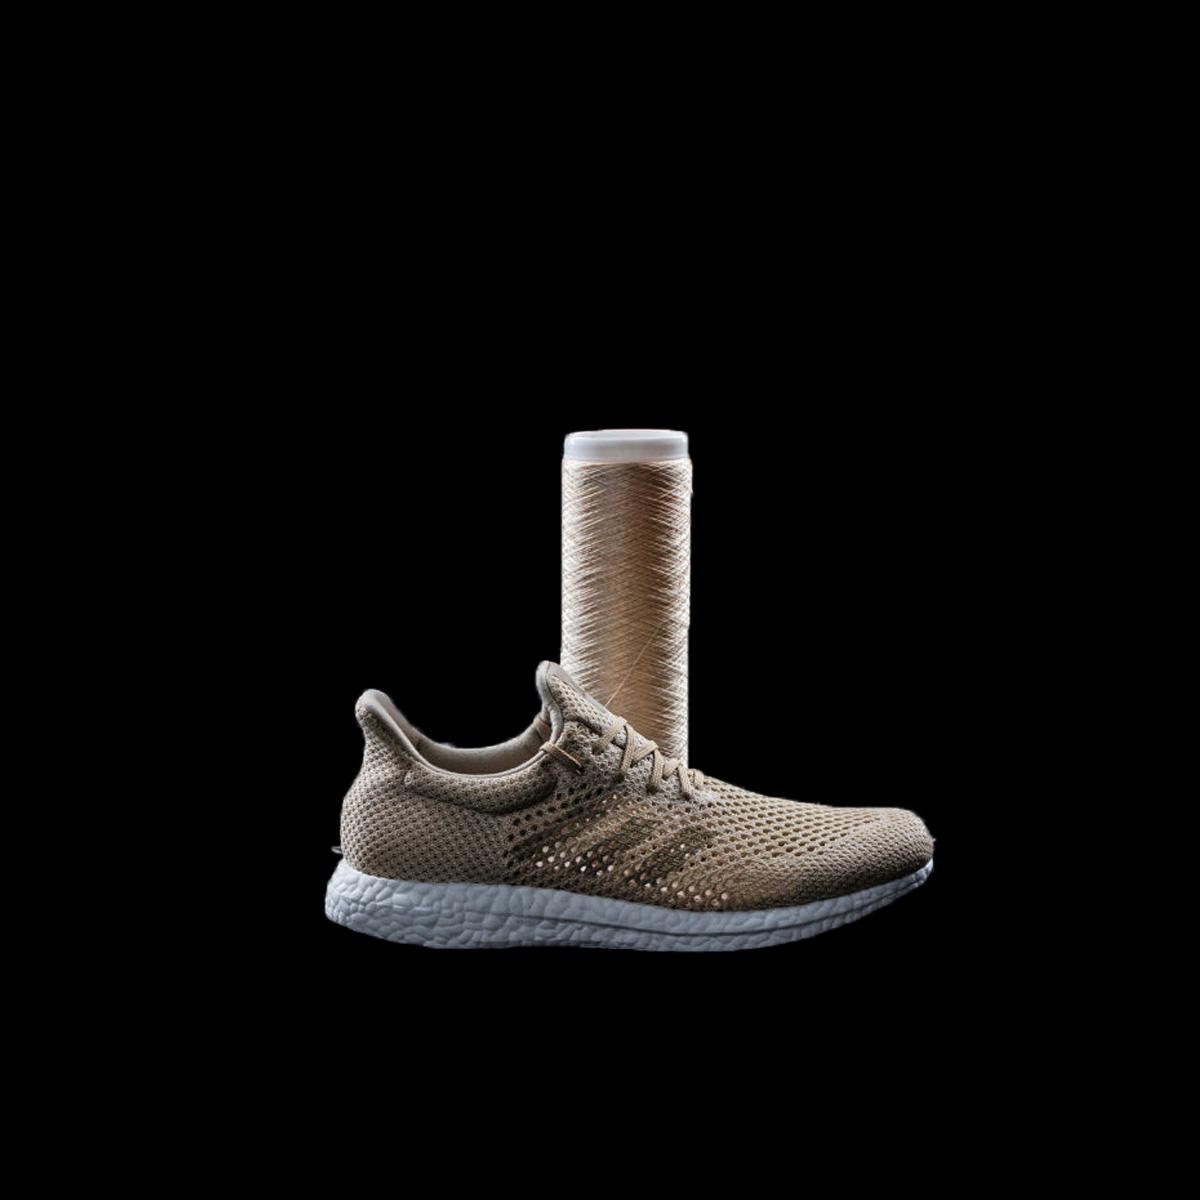 Lance À De D'araignée Soie Artificielle Des Chaussures Adidas Base Yfgy7b6